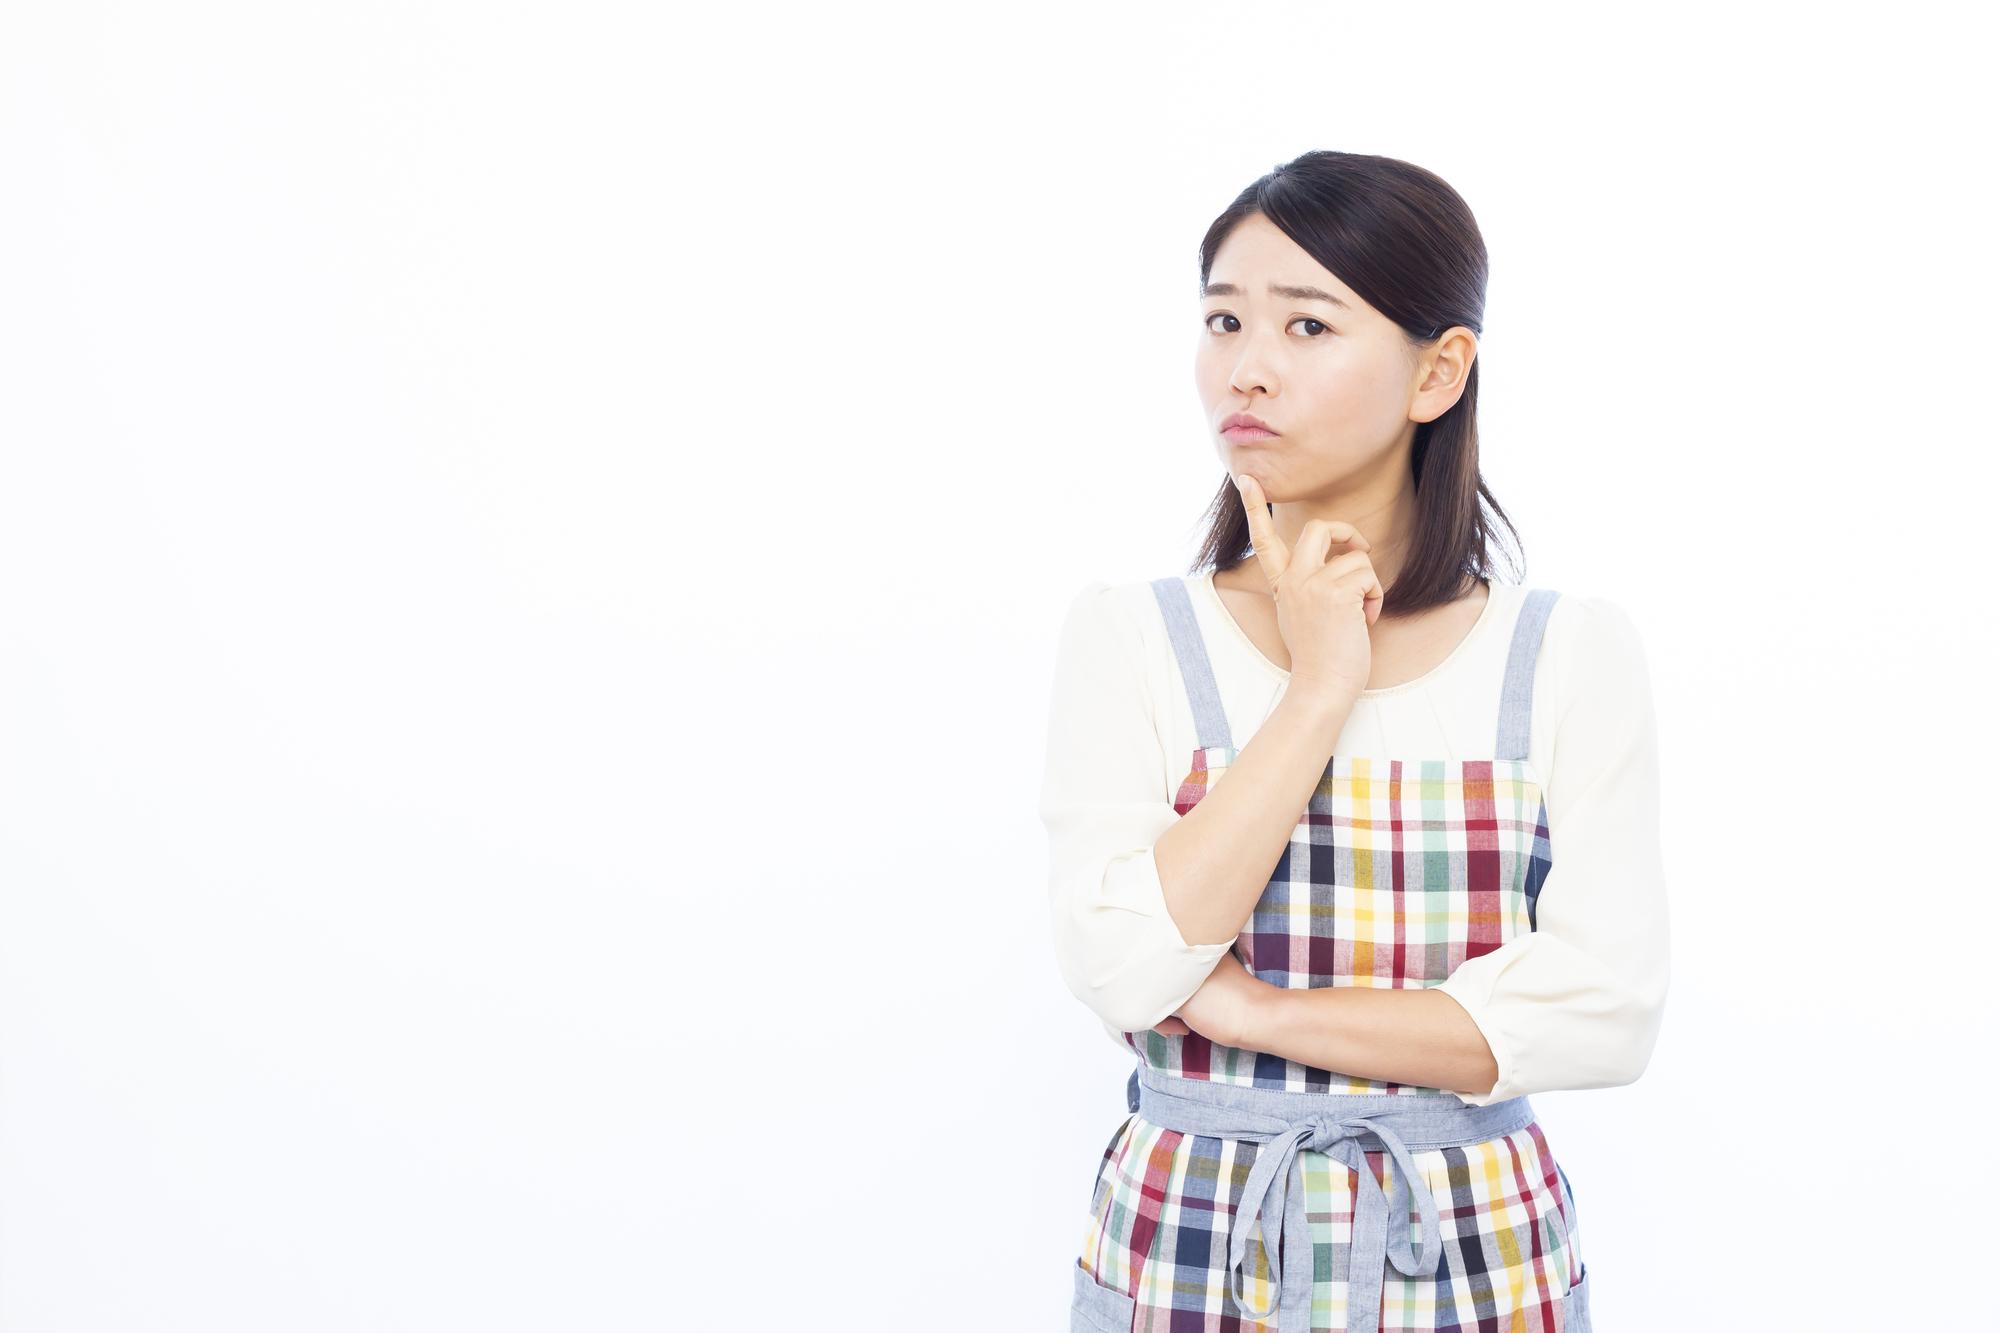 イオン銀行カードローン口コミ-考え事をする専業主婦